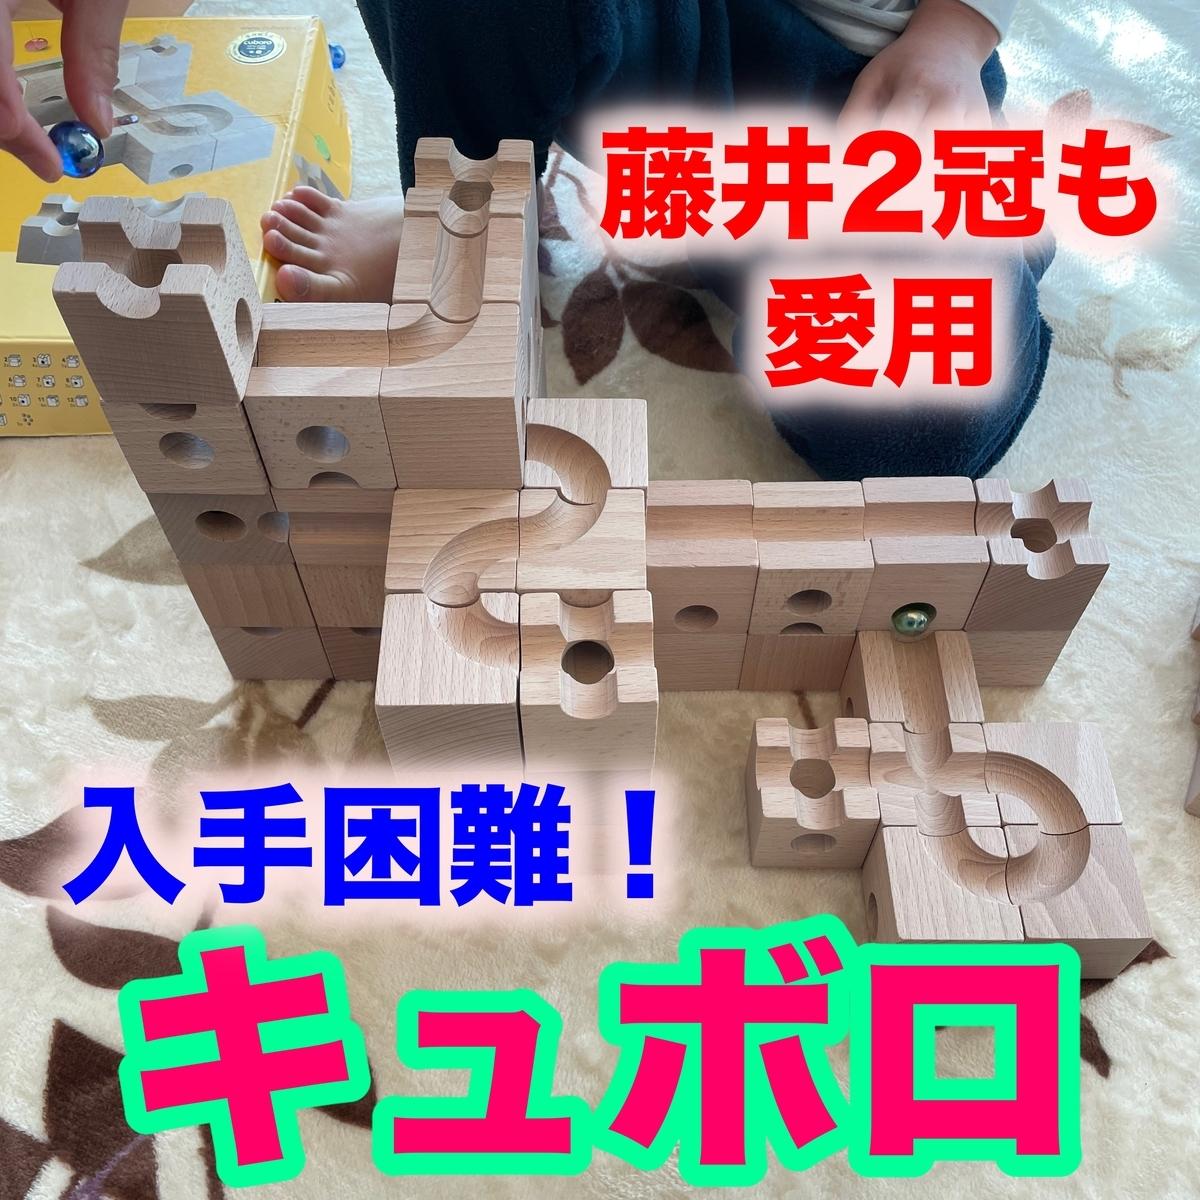 f:id:goodsun0212:20210204214606j:plain